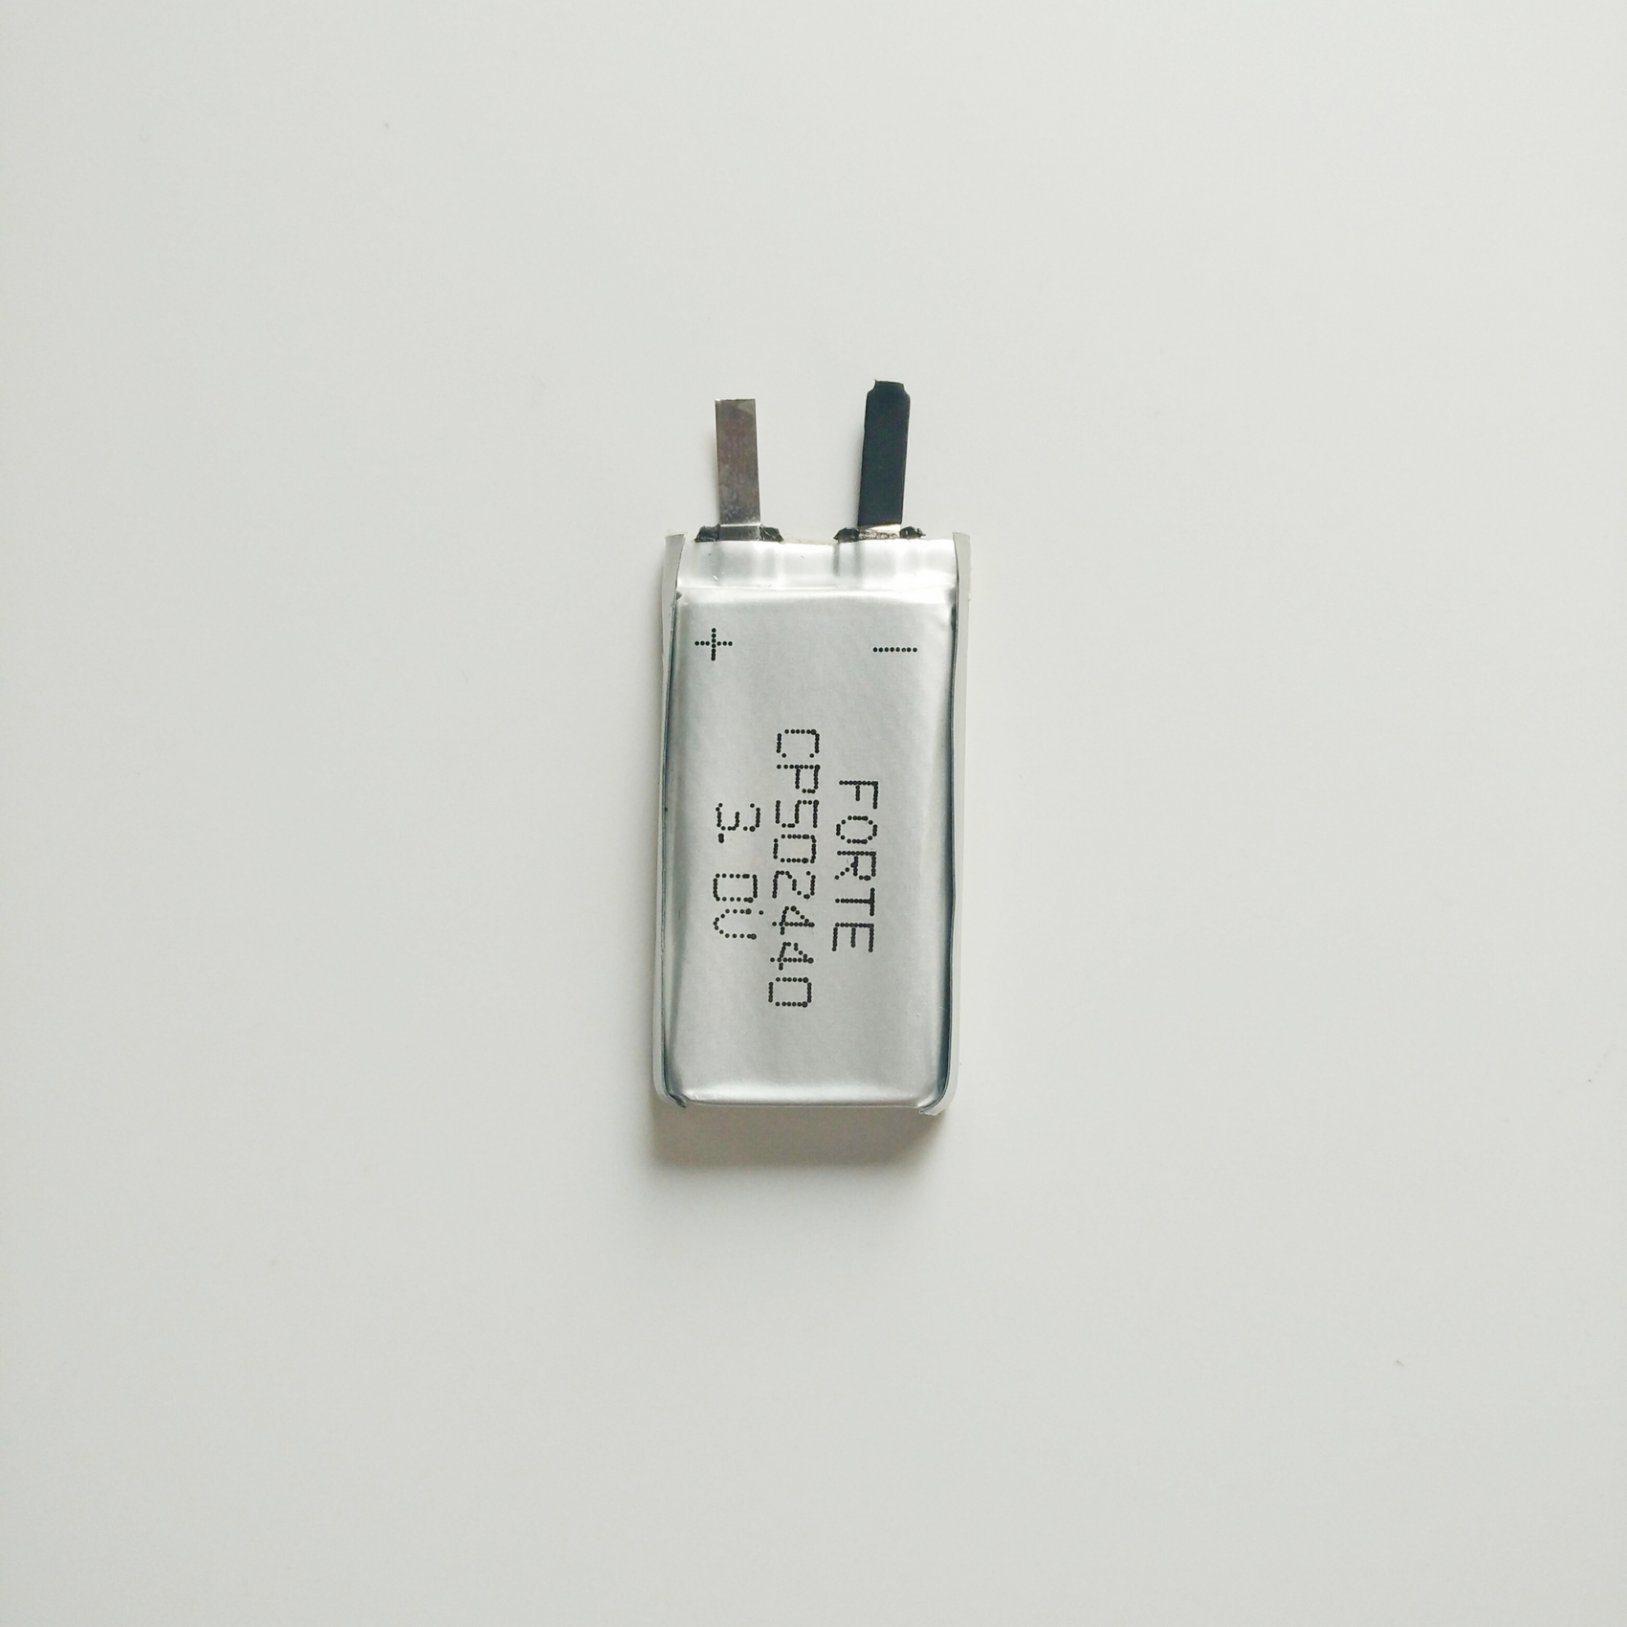 Primary Lithium Battery 3.6V C Size (ER26500)